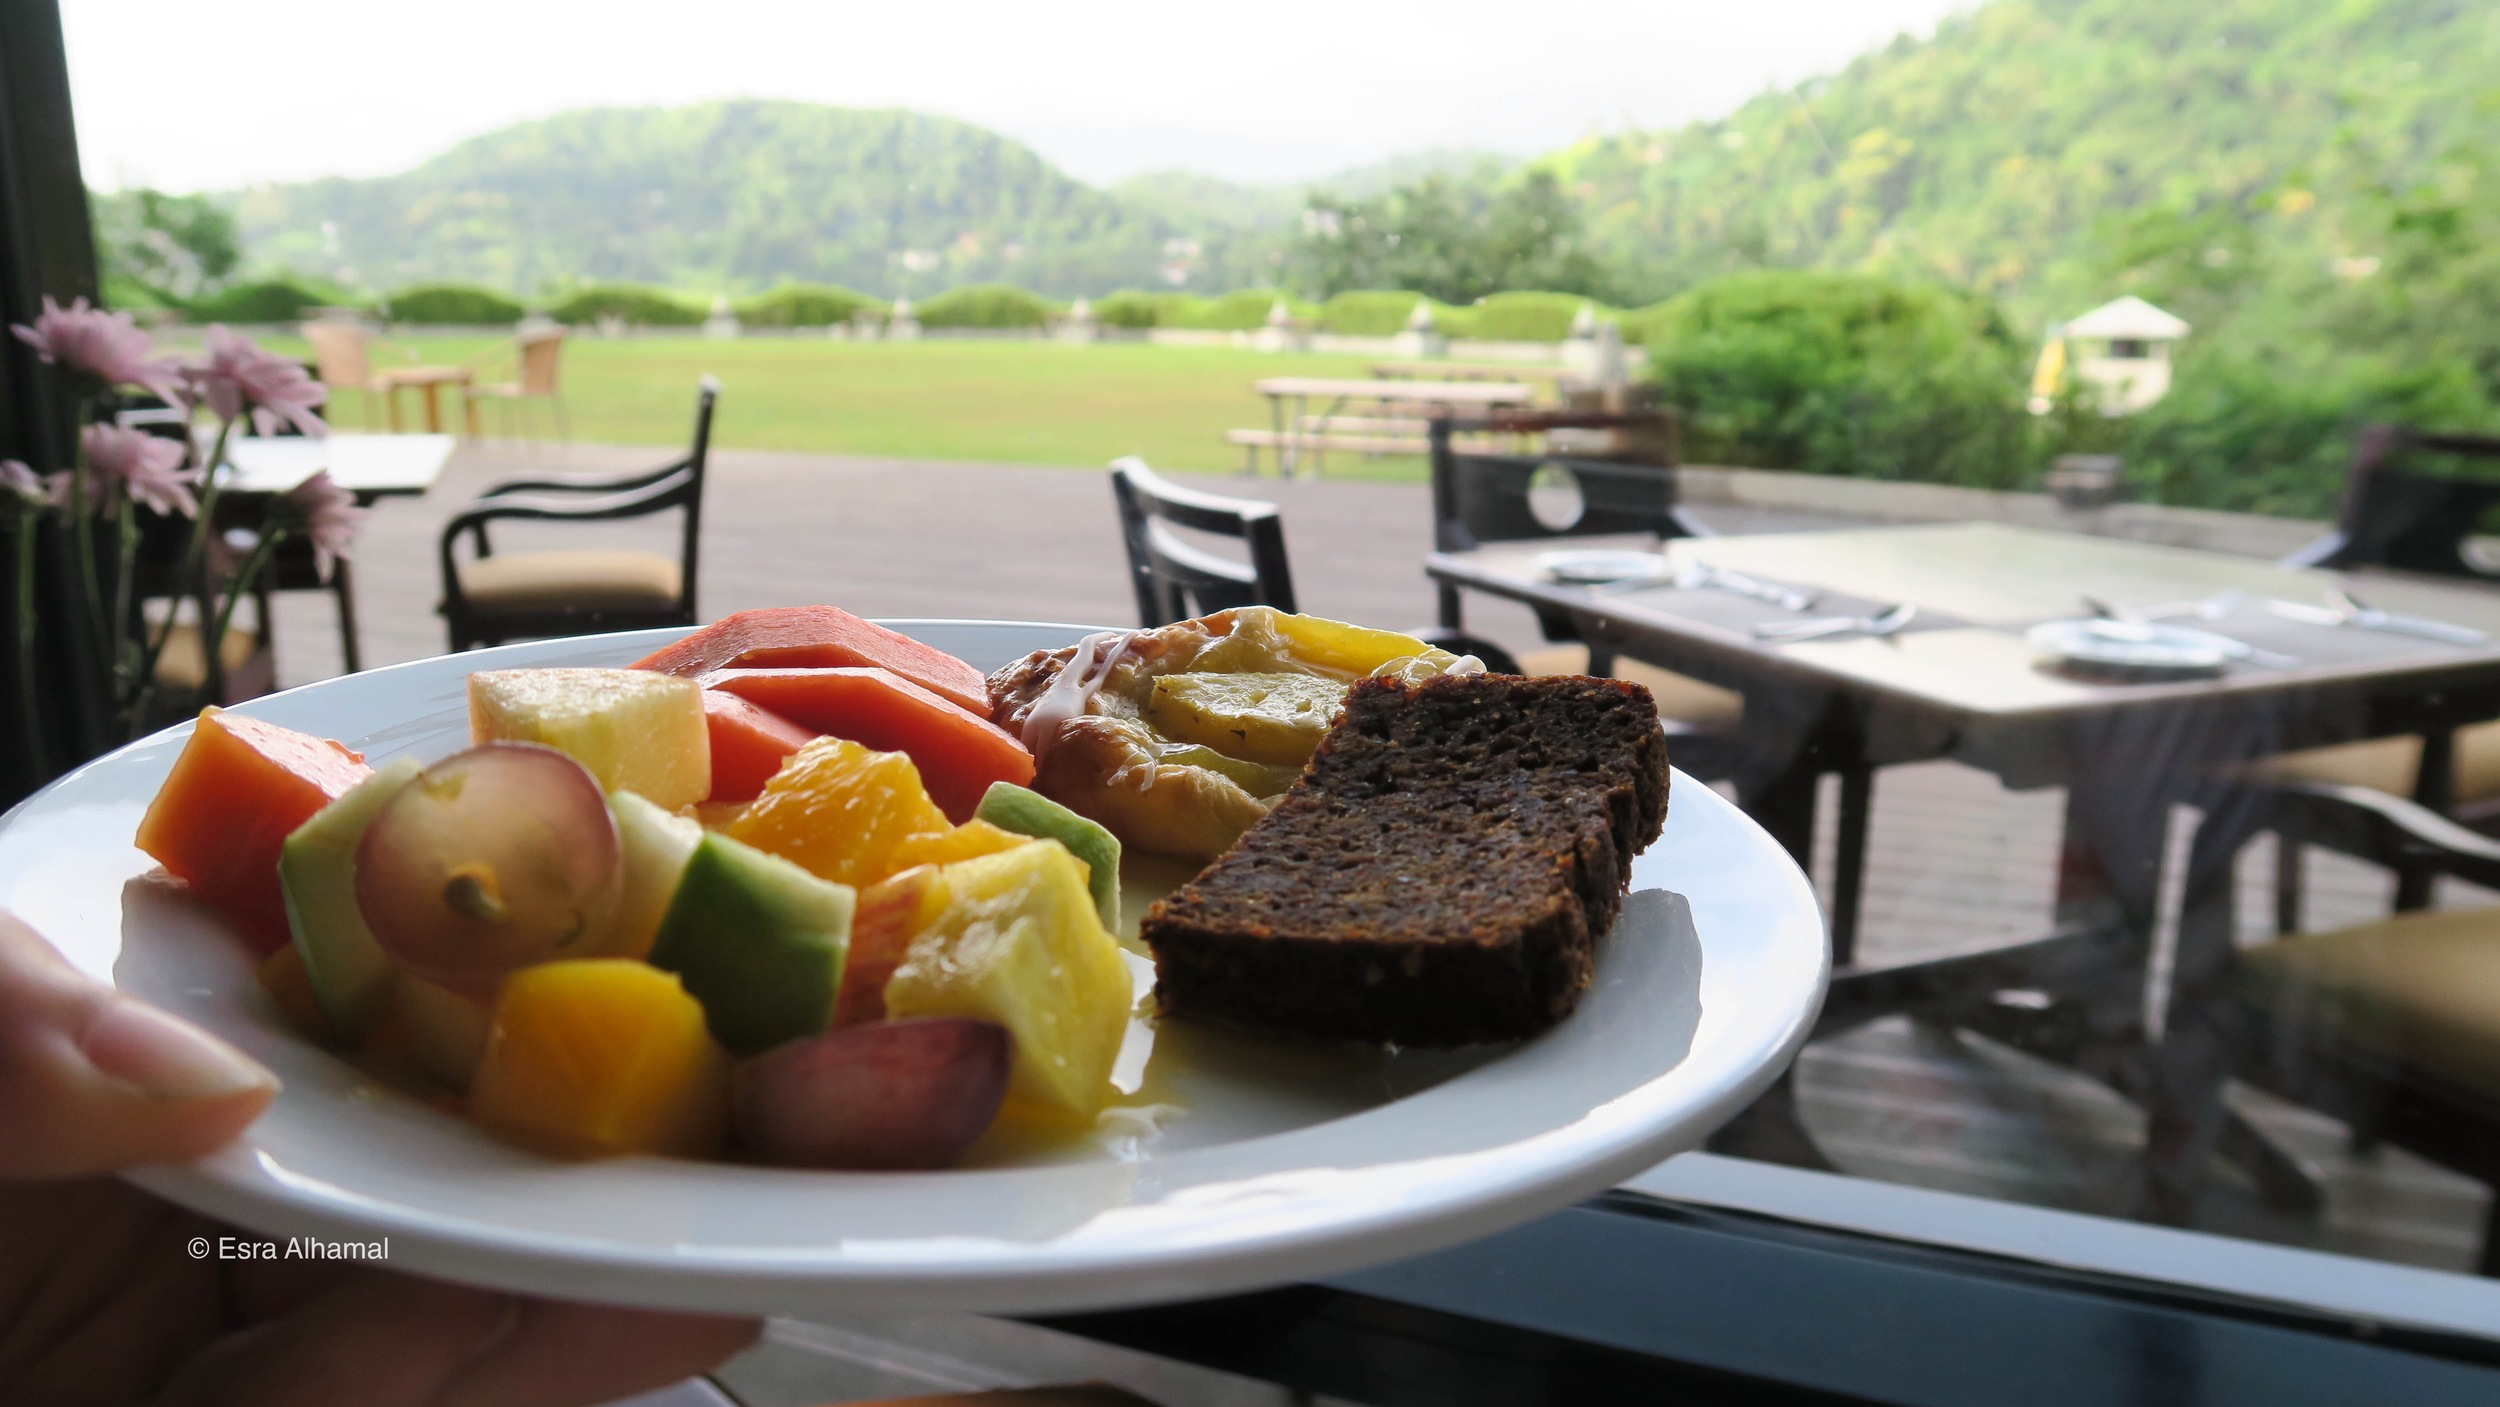 Breakfast Buffet at Earl's Regency